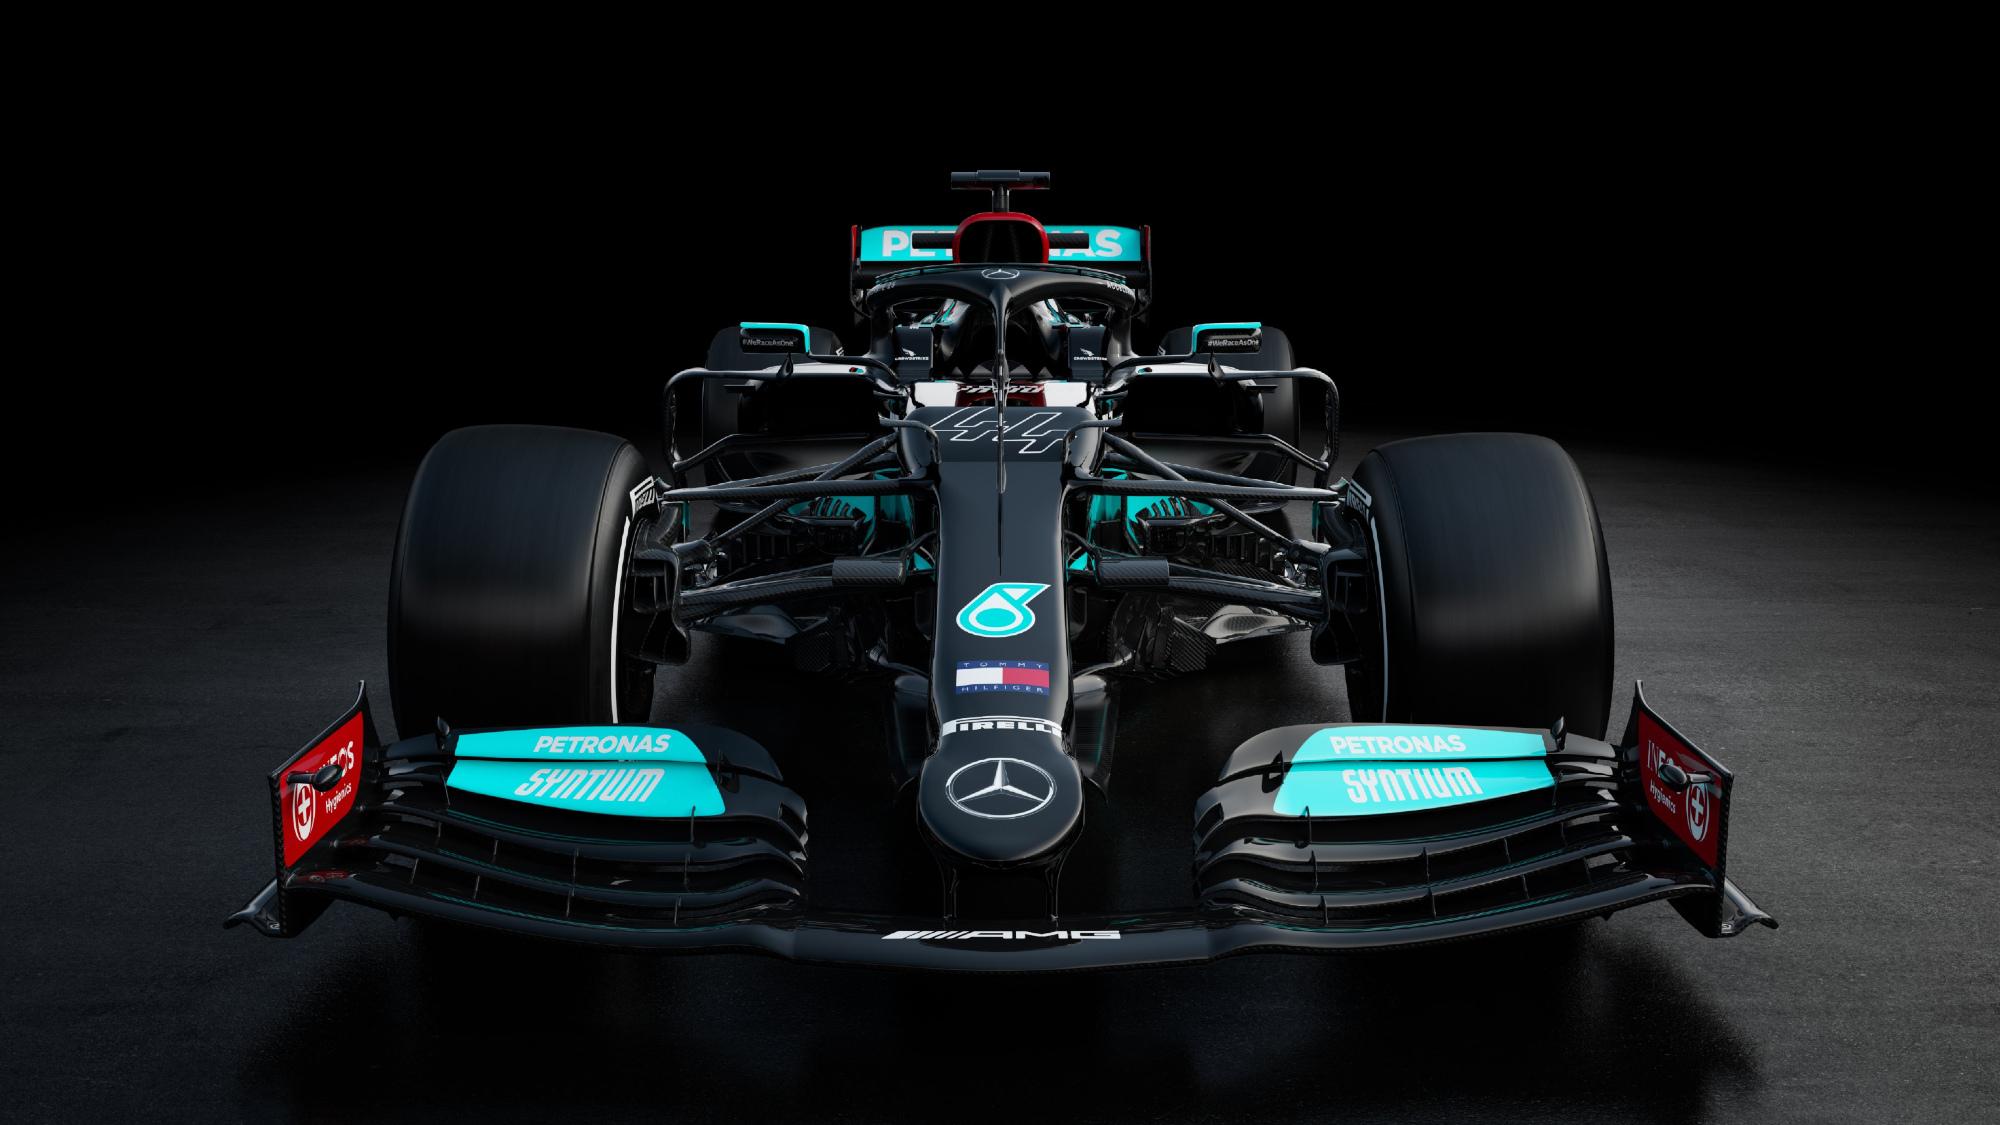 Mercedes W12 2021 F1 car